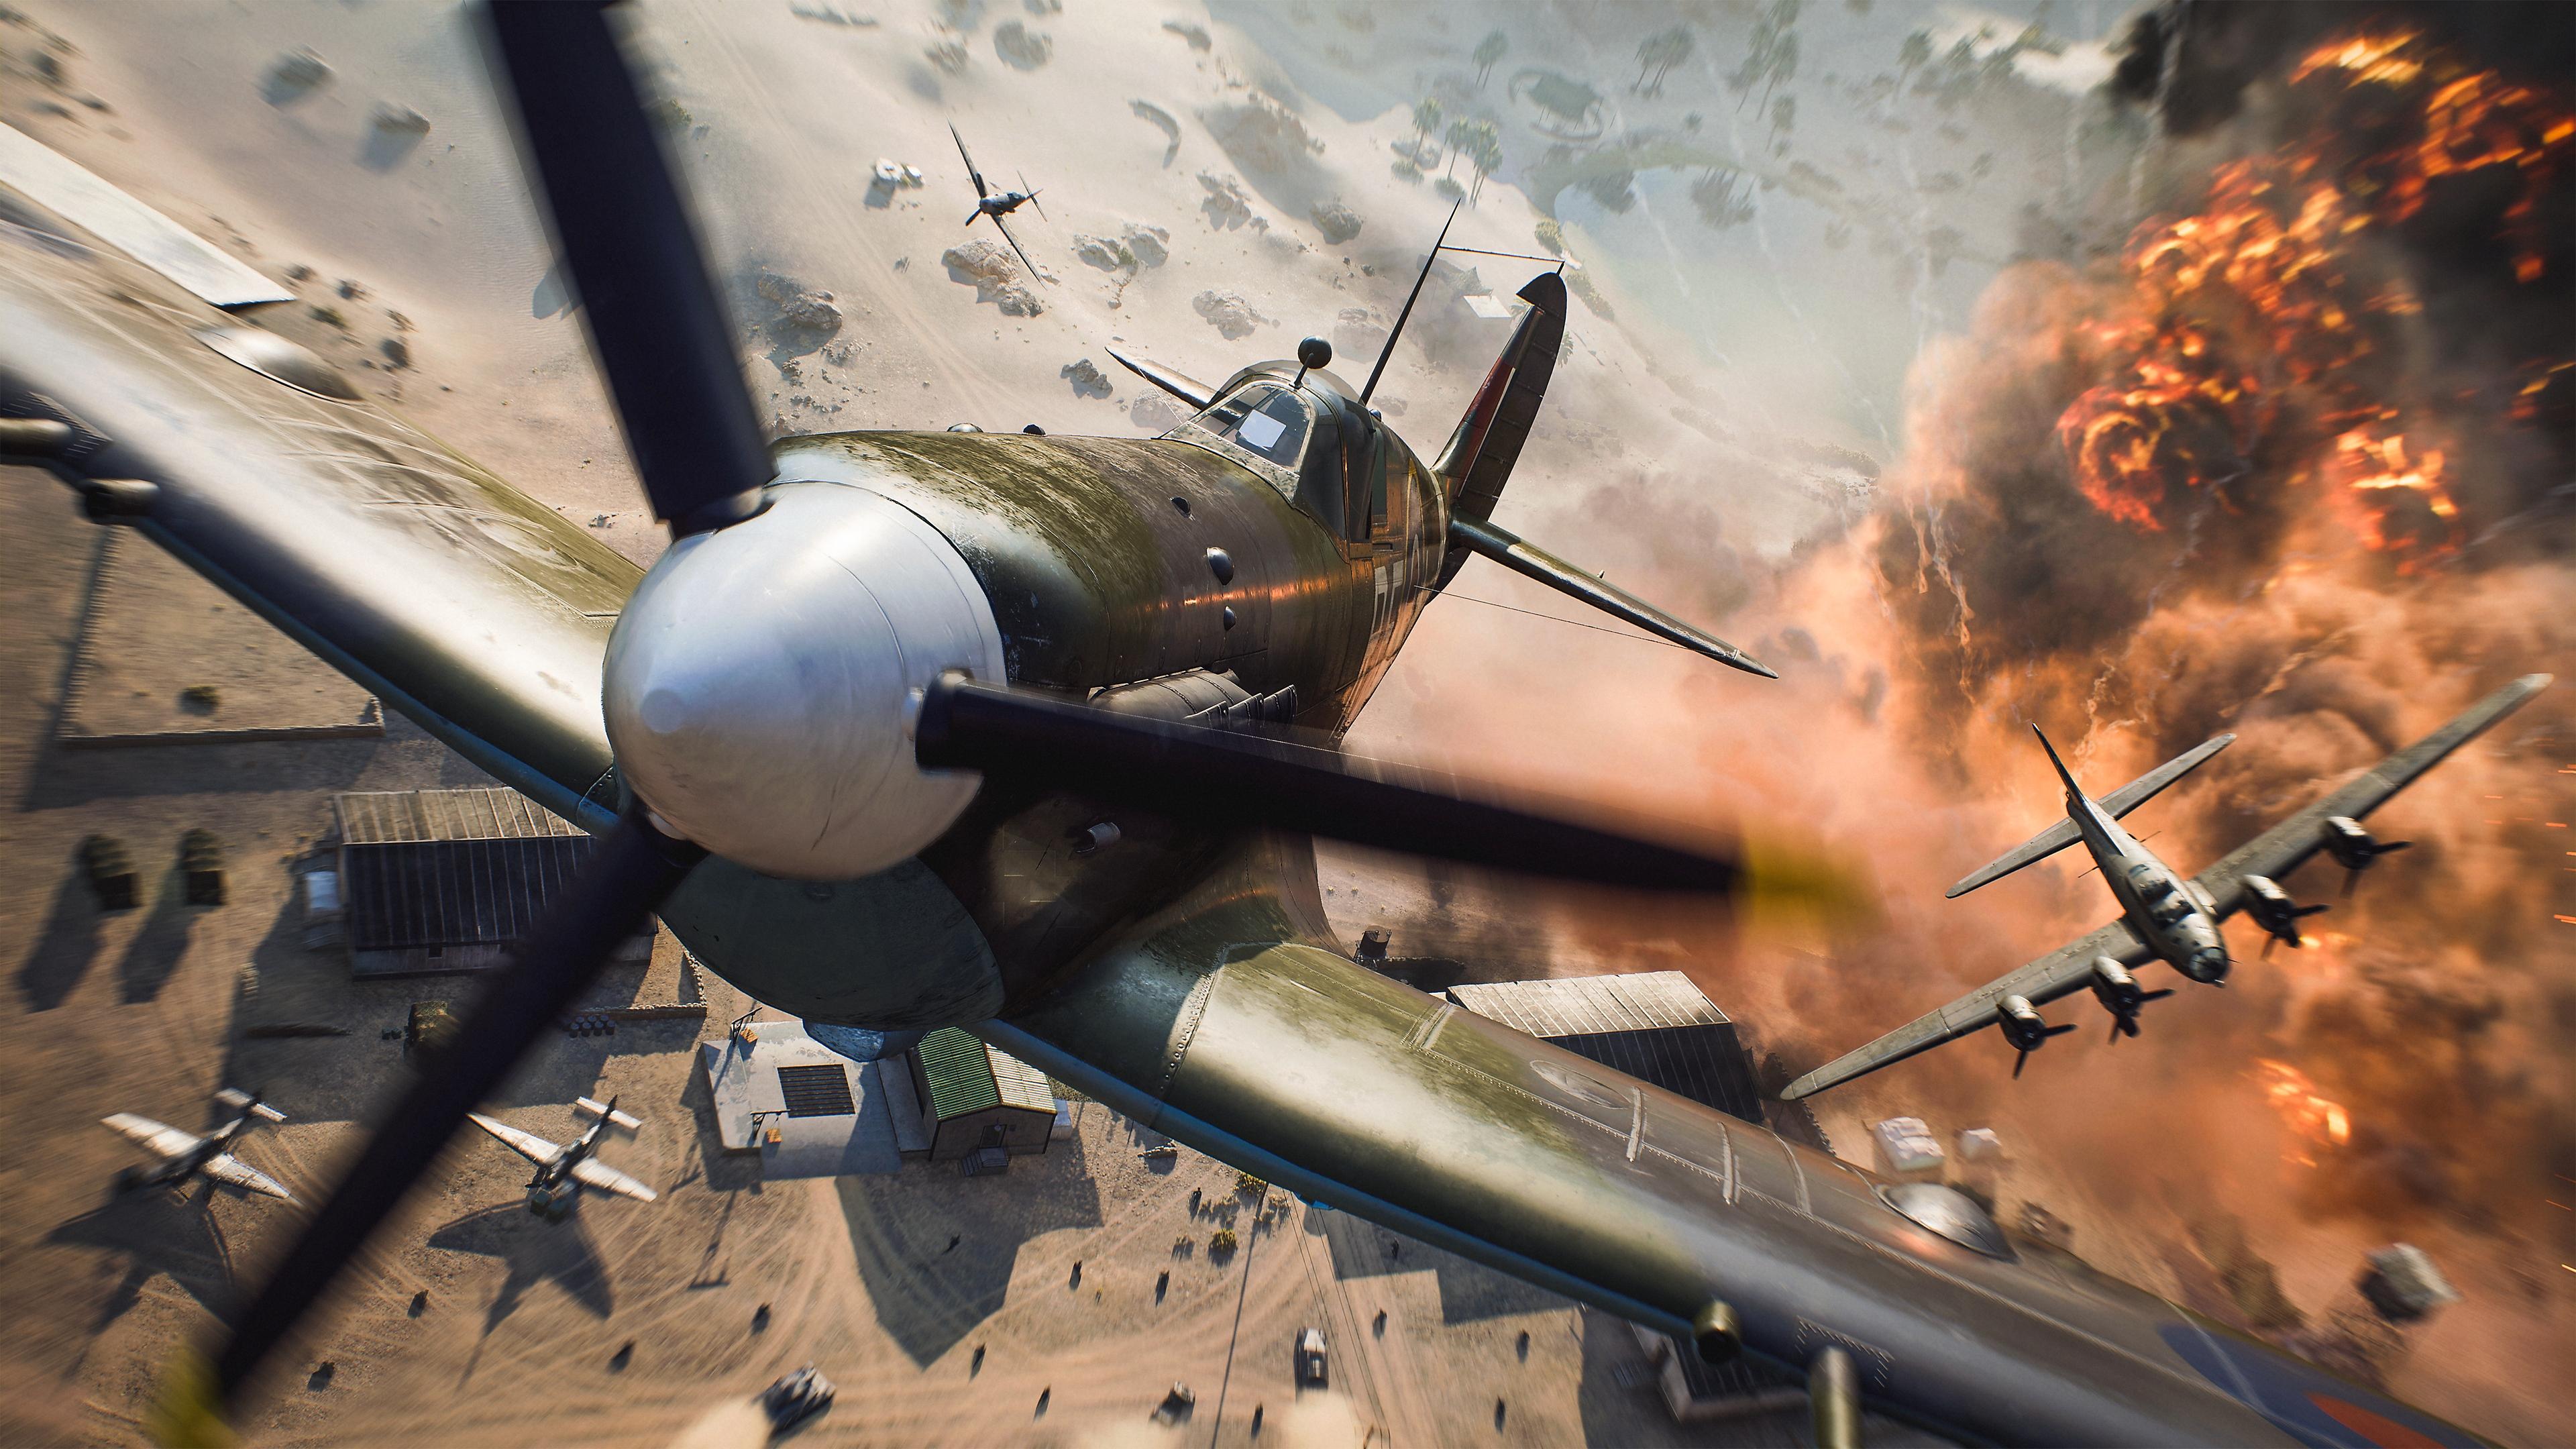 Battlefield Portal - Vidéo montage des cartes